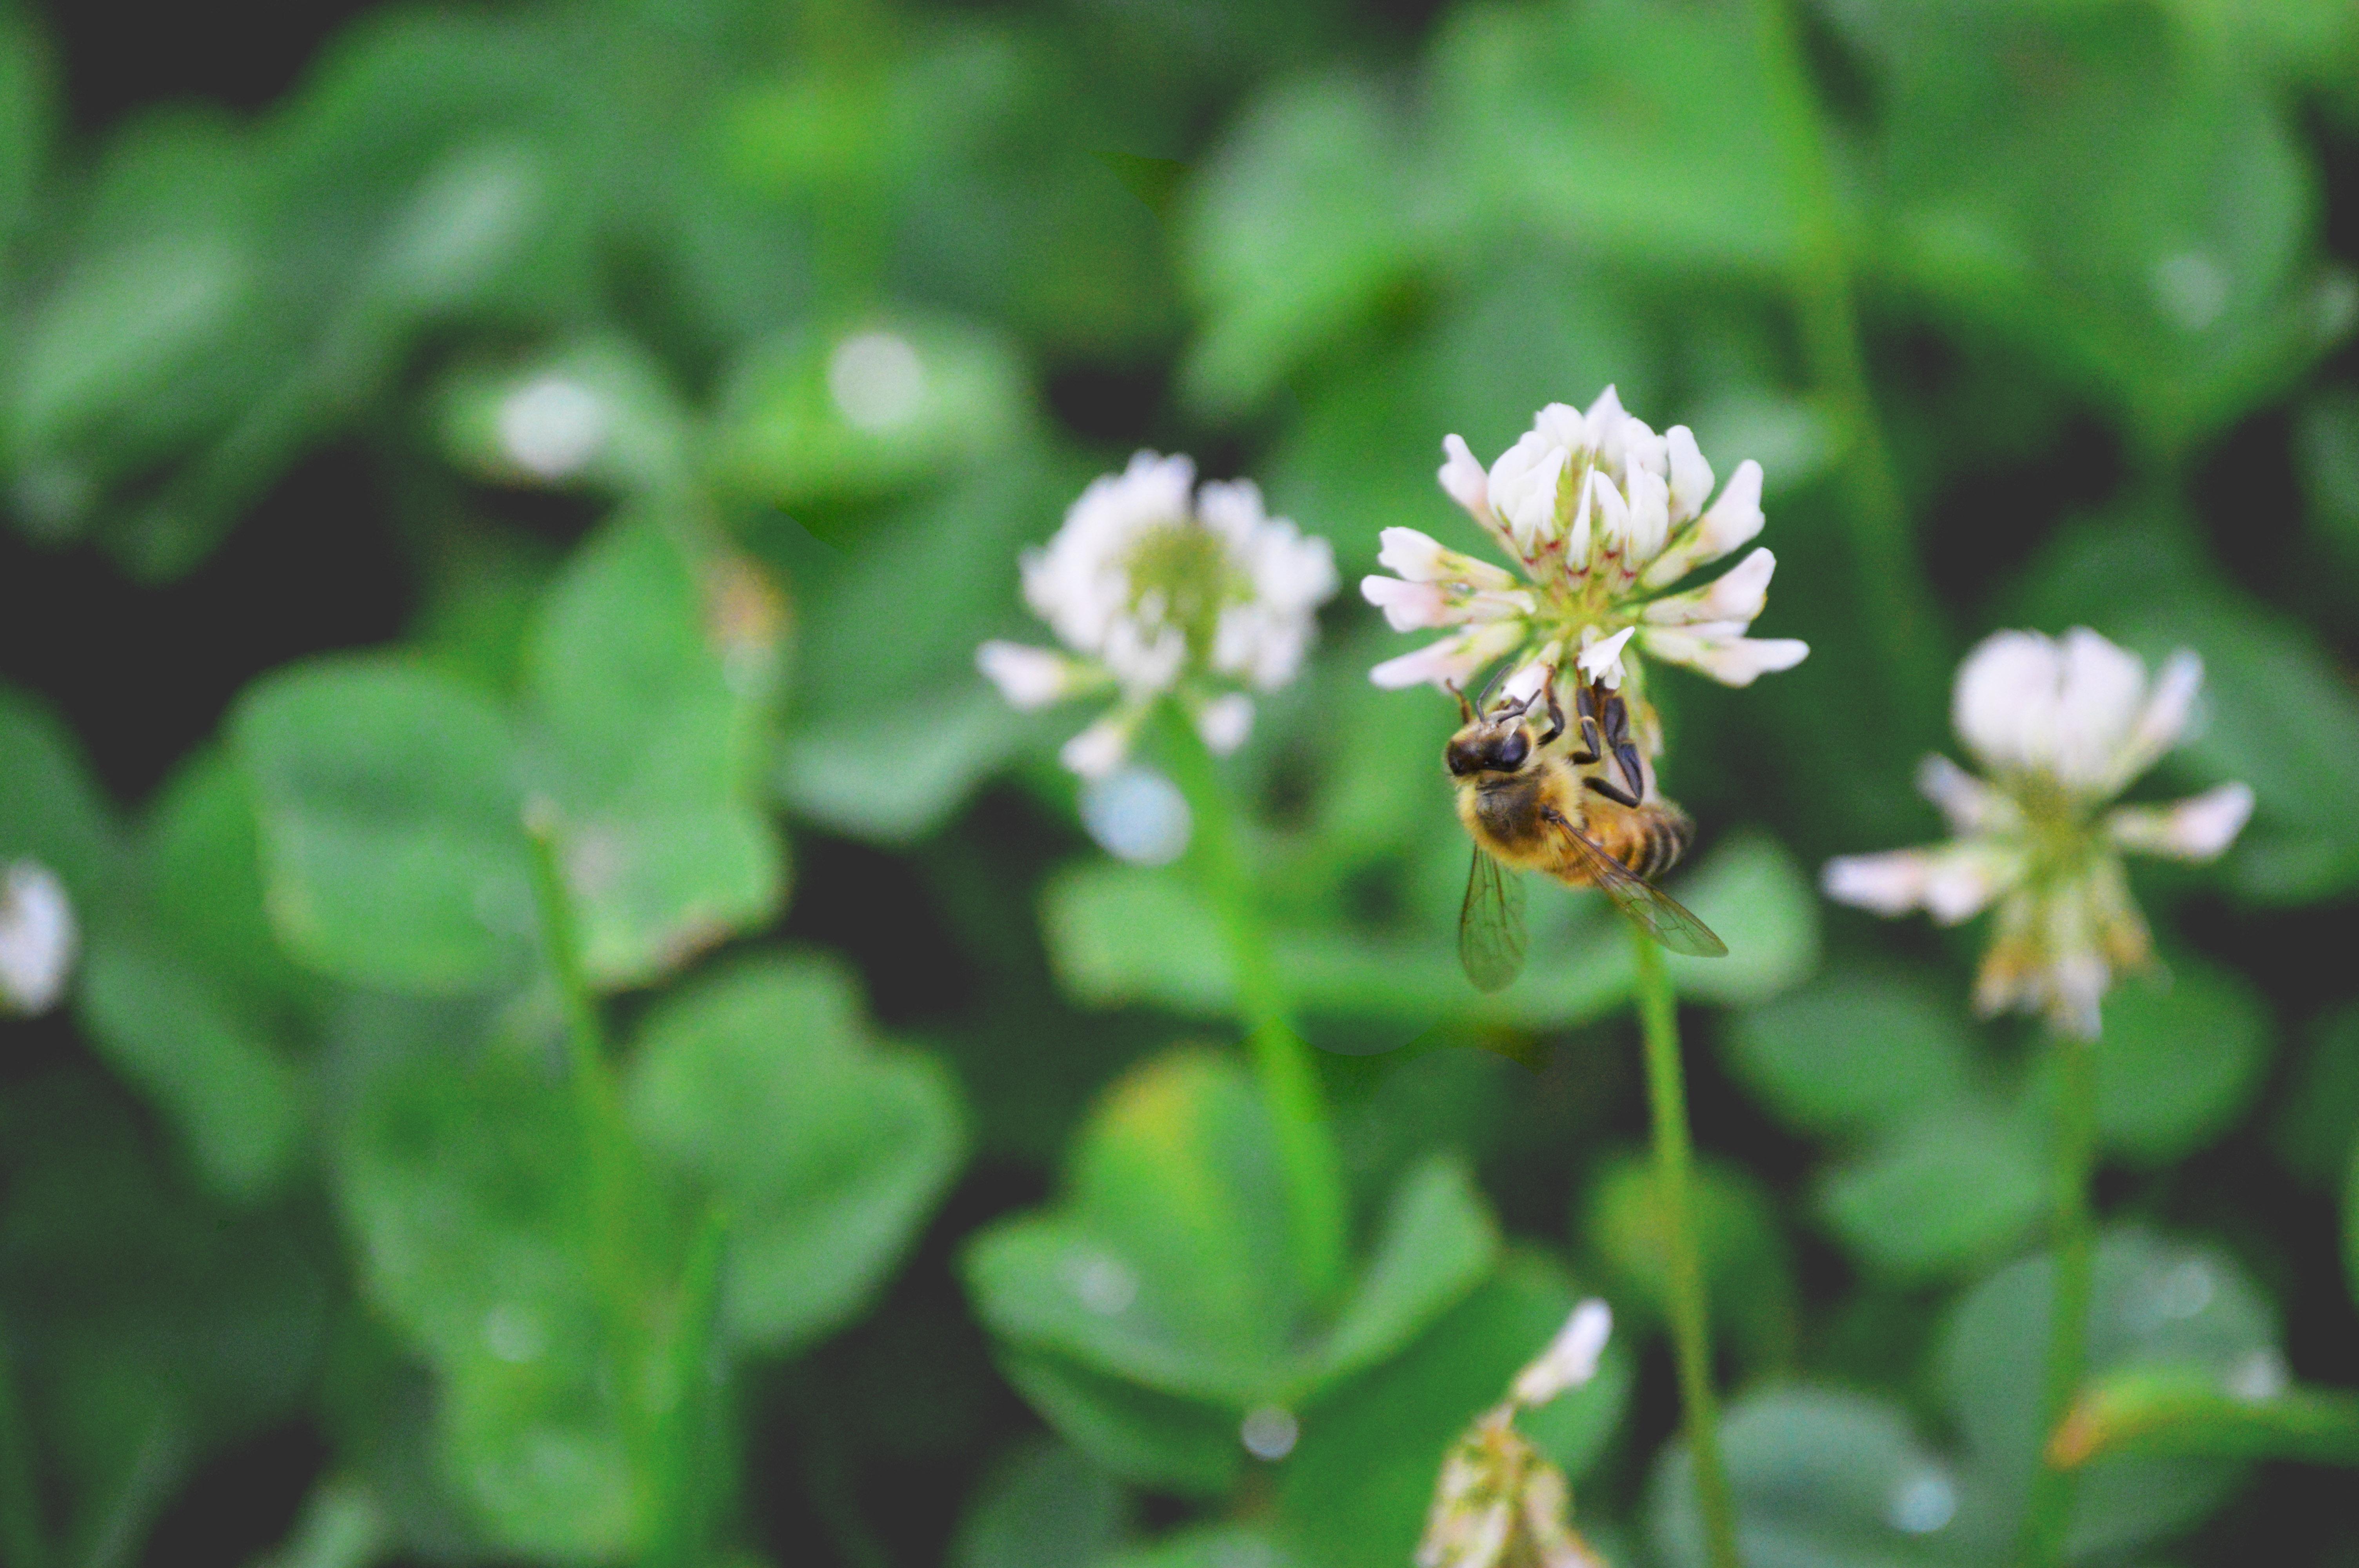 honey bee upside down